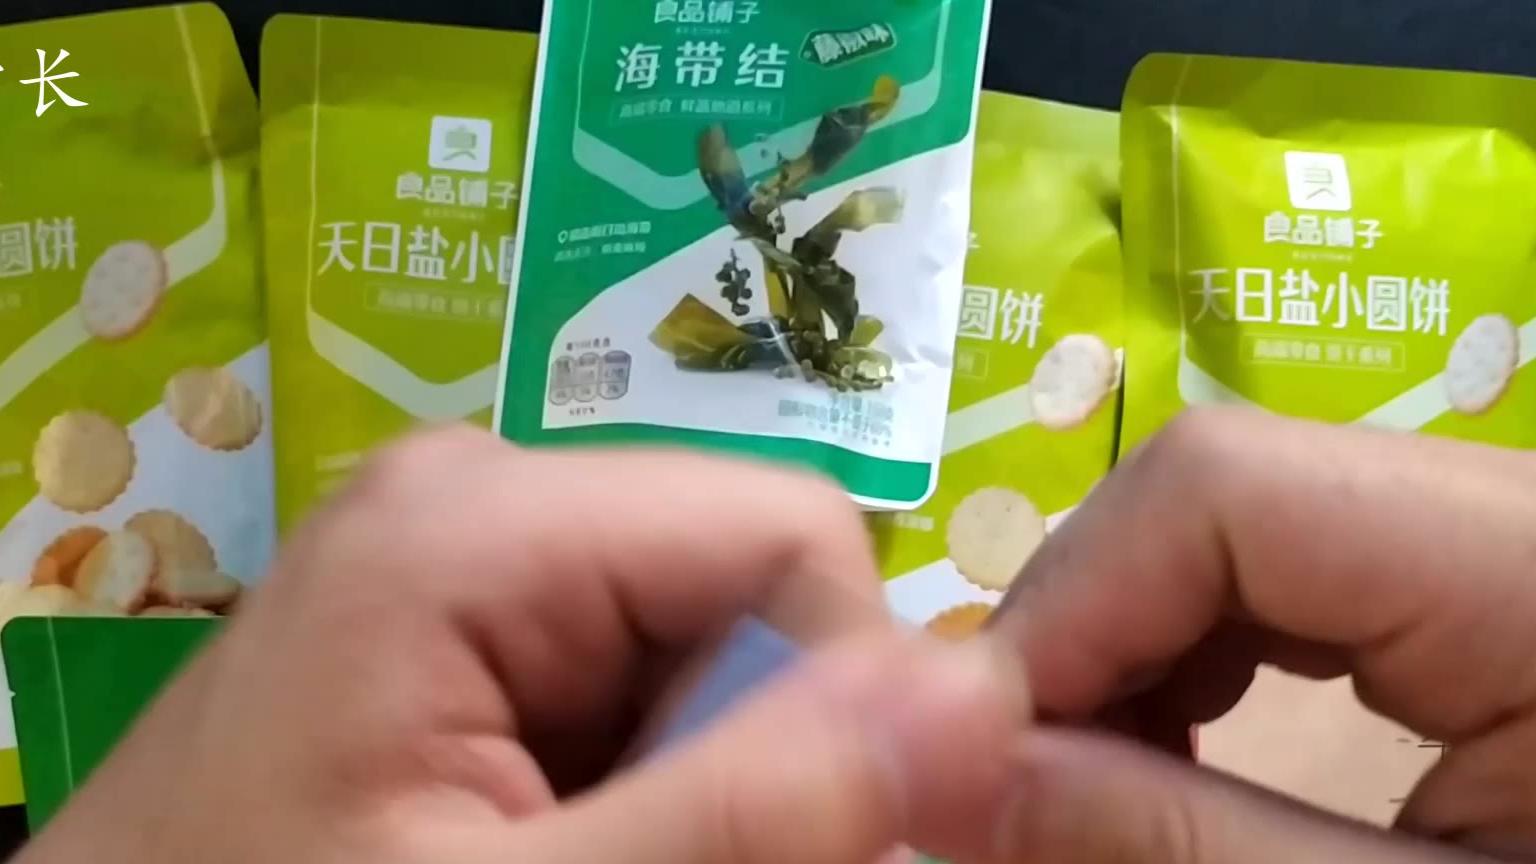 良品铺子百元零食礼包,18元轻松拿下,为什么包装都是绿色?